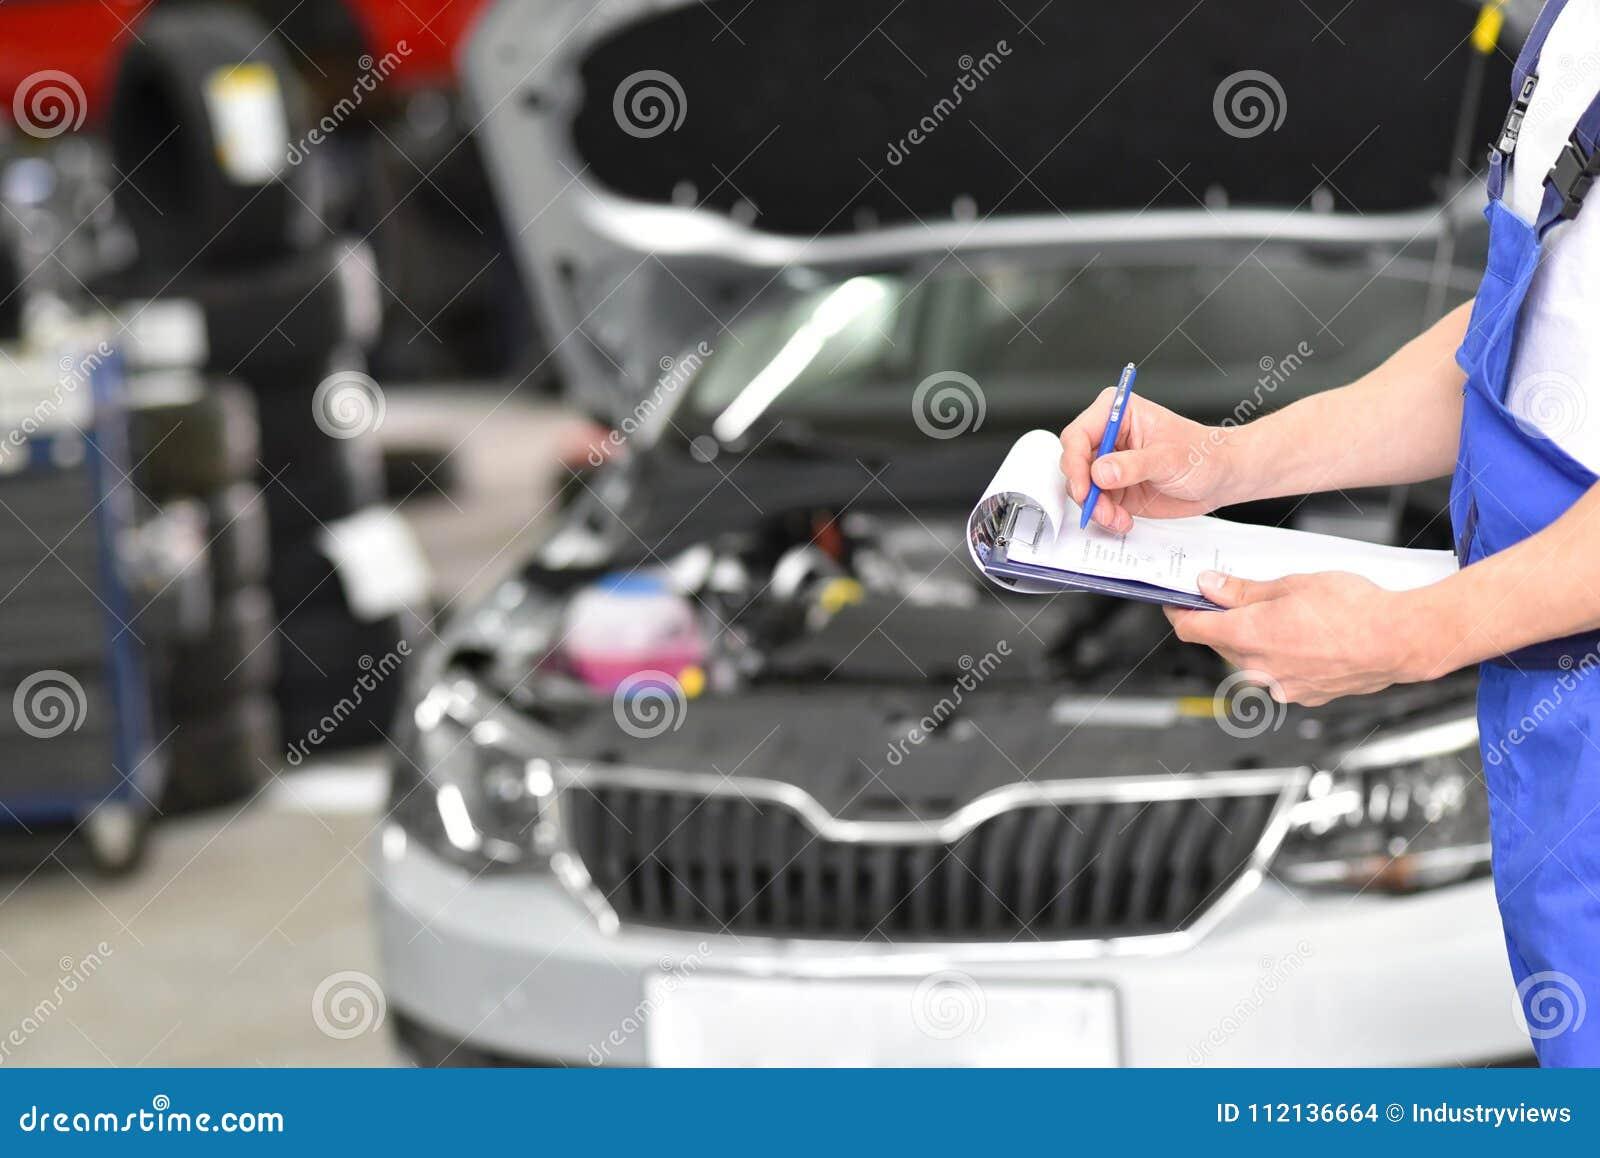 Service et inspection d une voiture dans un atelier - le mécanicien inspectent